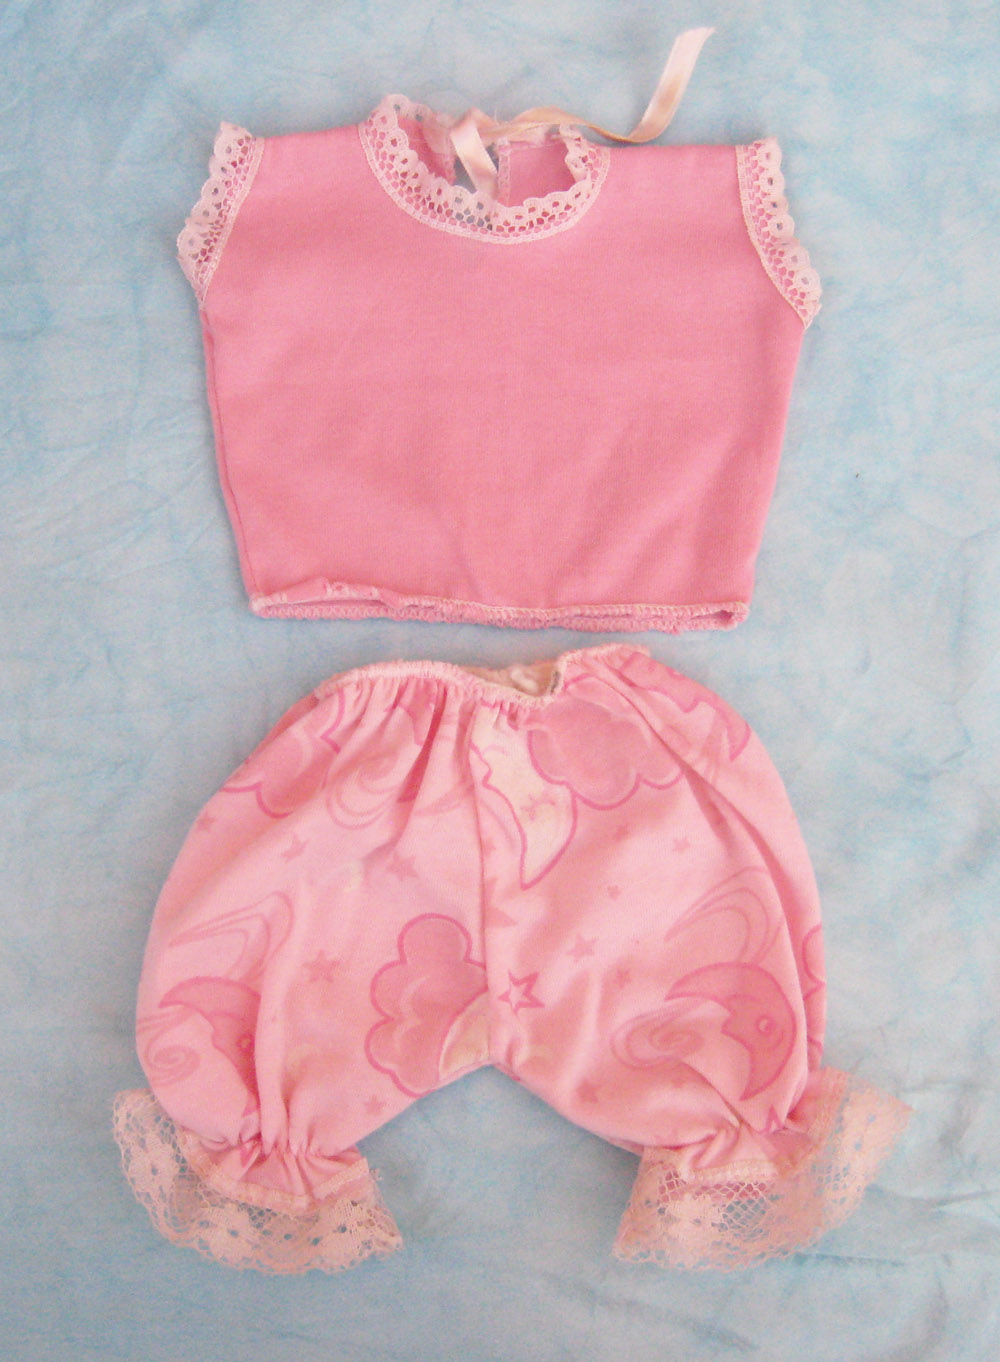 pijama-rosa-sin-mangas-para-muneca-waldorf